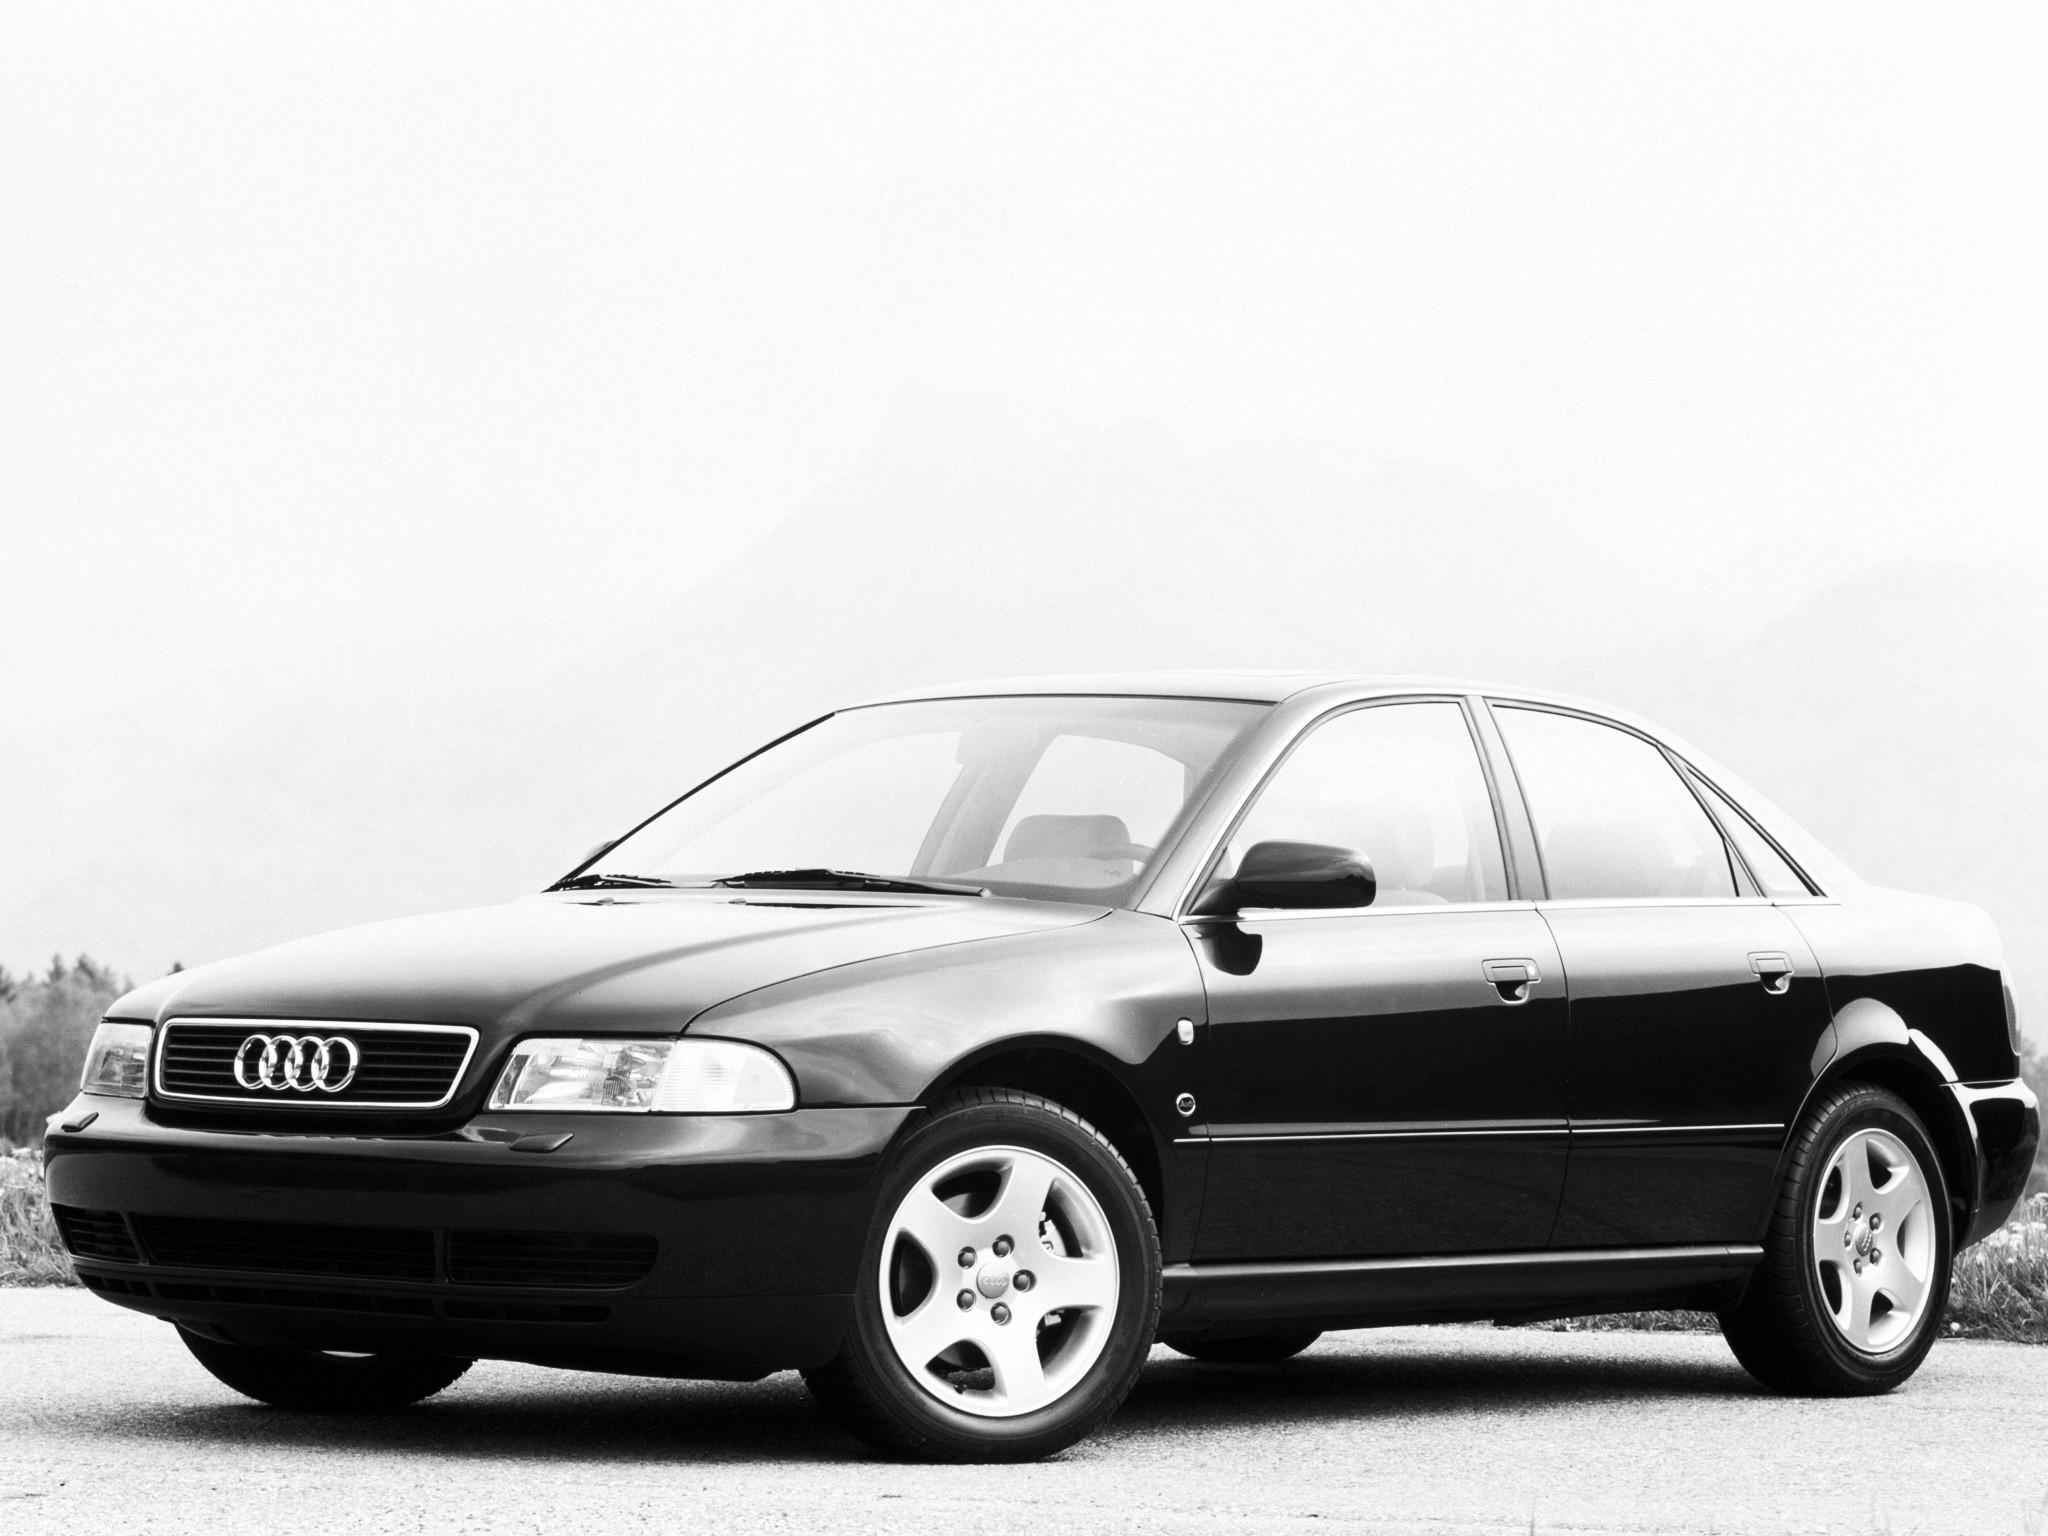 Audi A4 Specs Amp Photos 1994 1995 1996 1997 1998